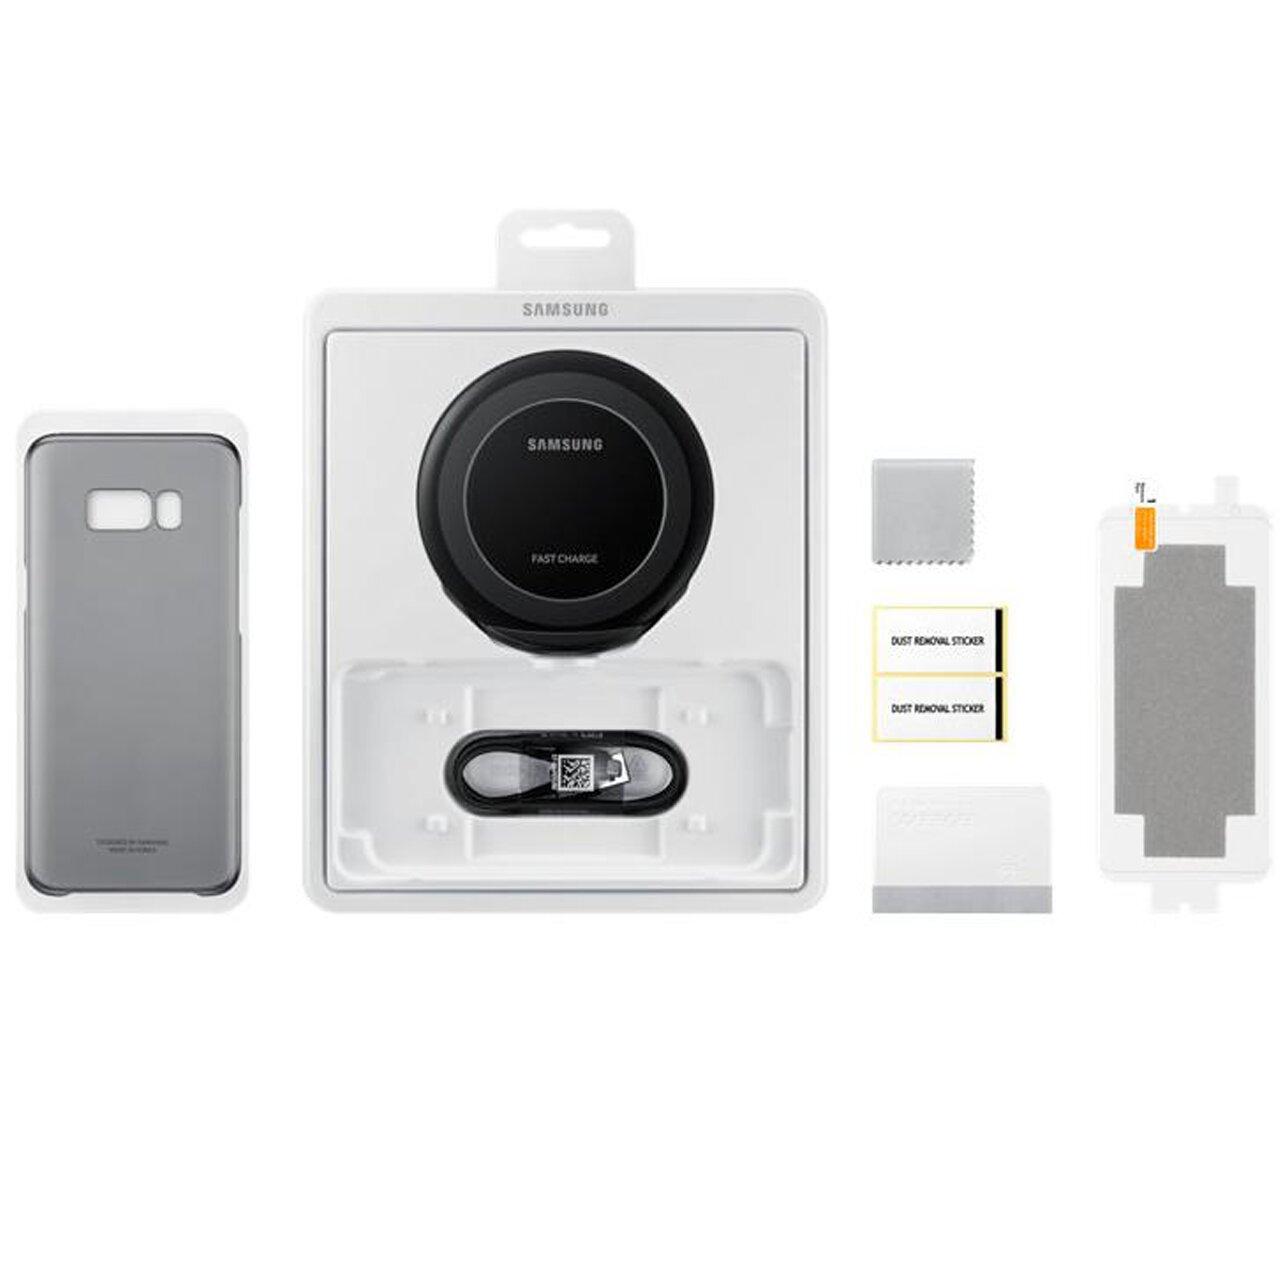 مجموعه لوازم جانبی سامسونگ مدل EP-WG95F مناسب برای گوشی موبایل سامسونگ Galaxy S8 Plus